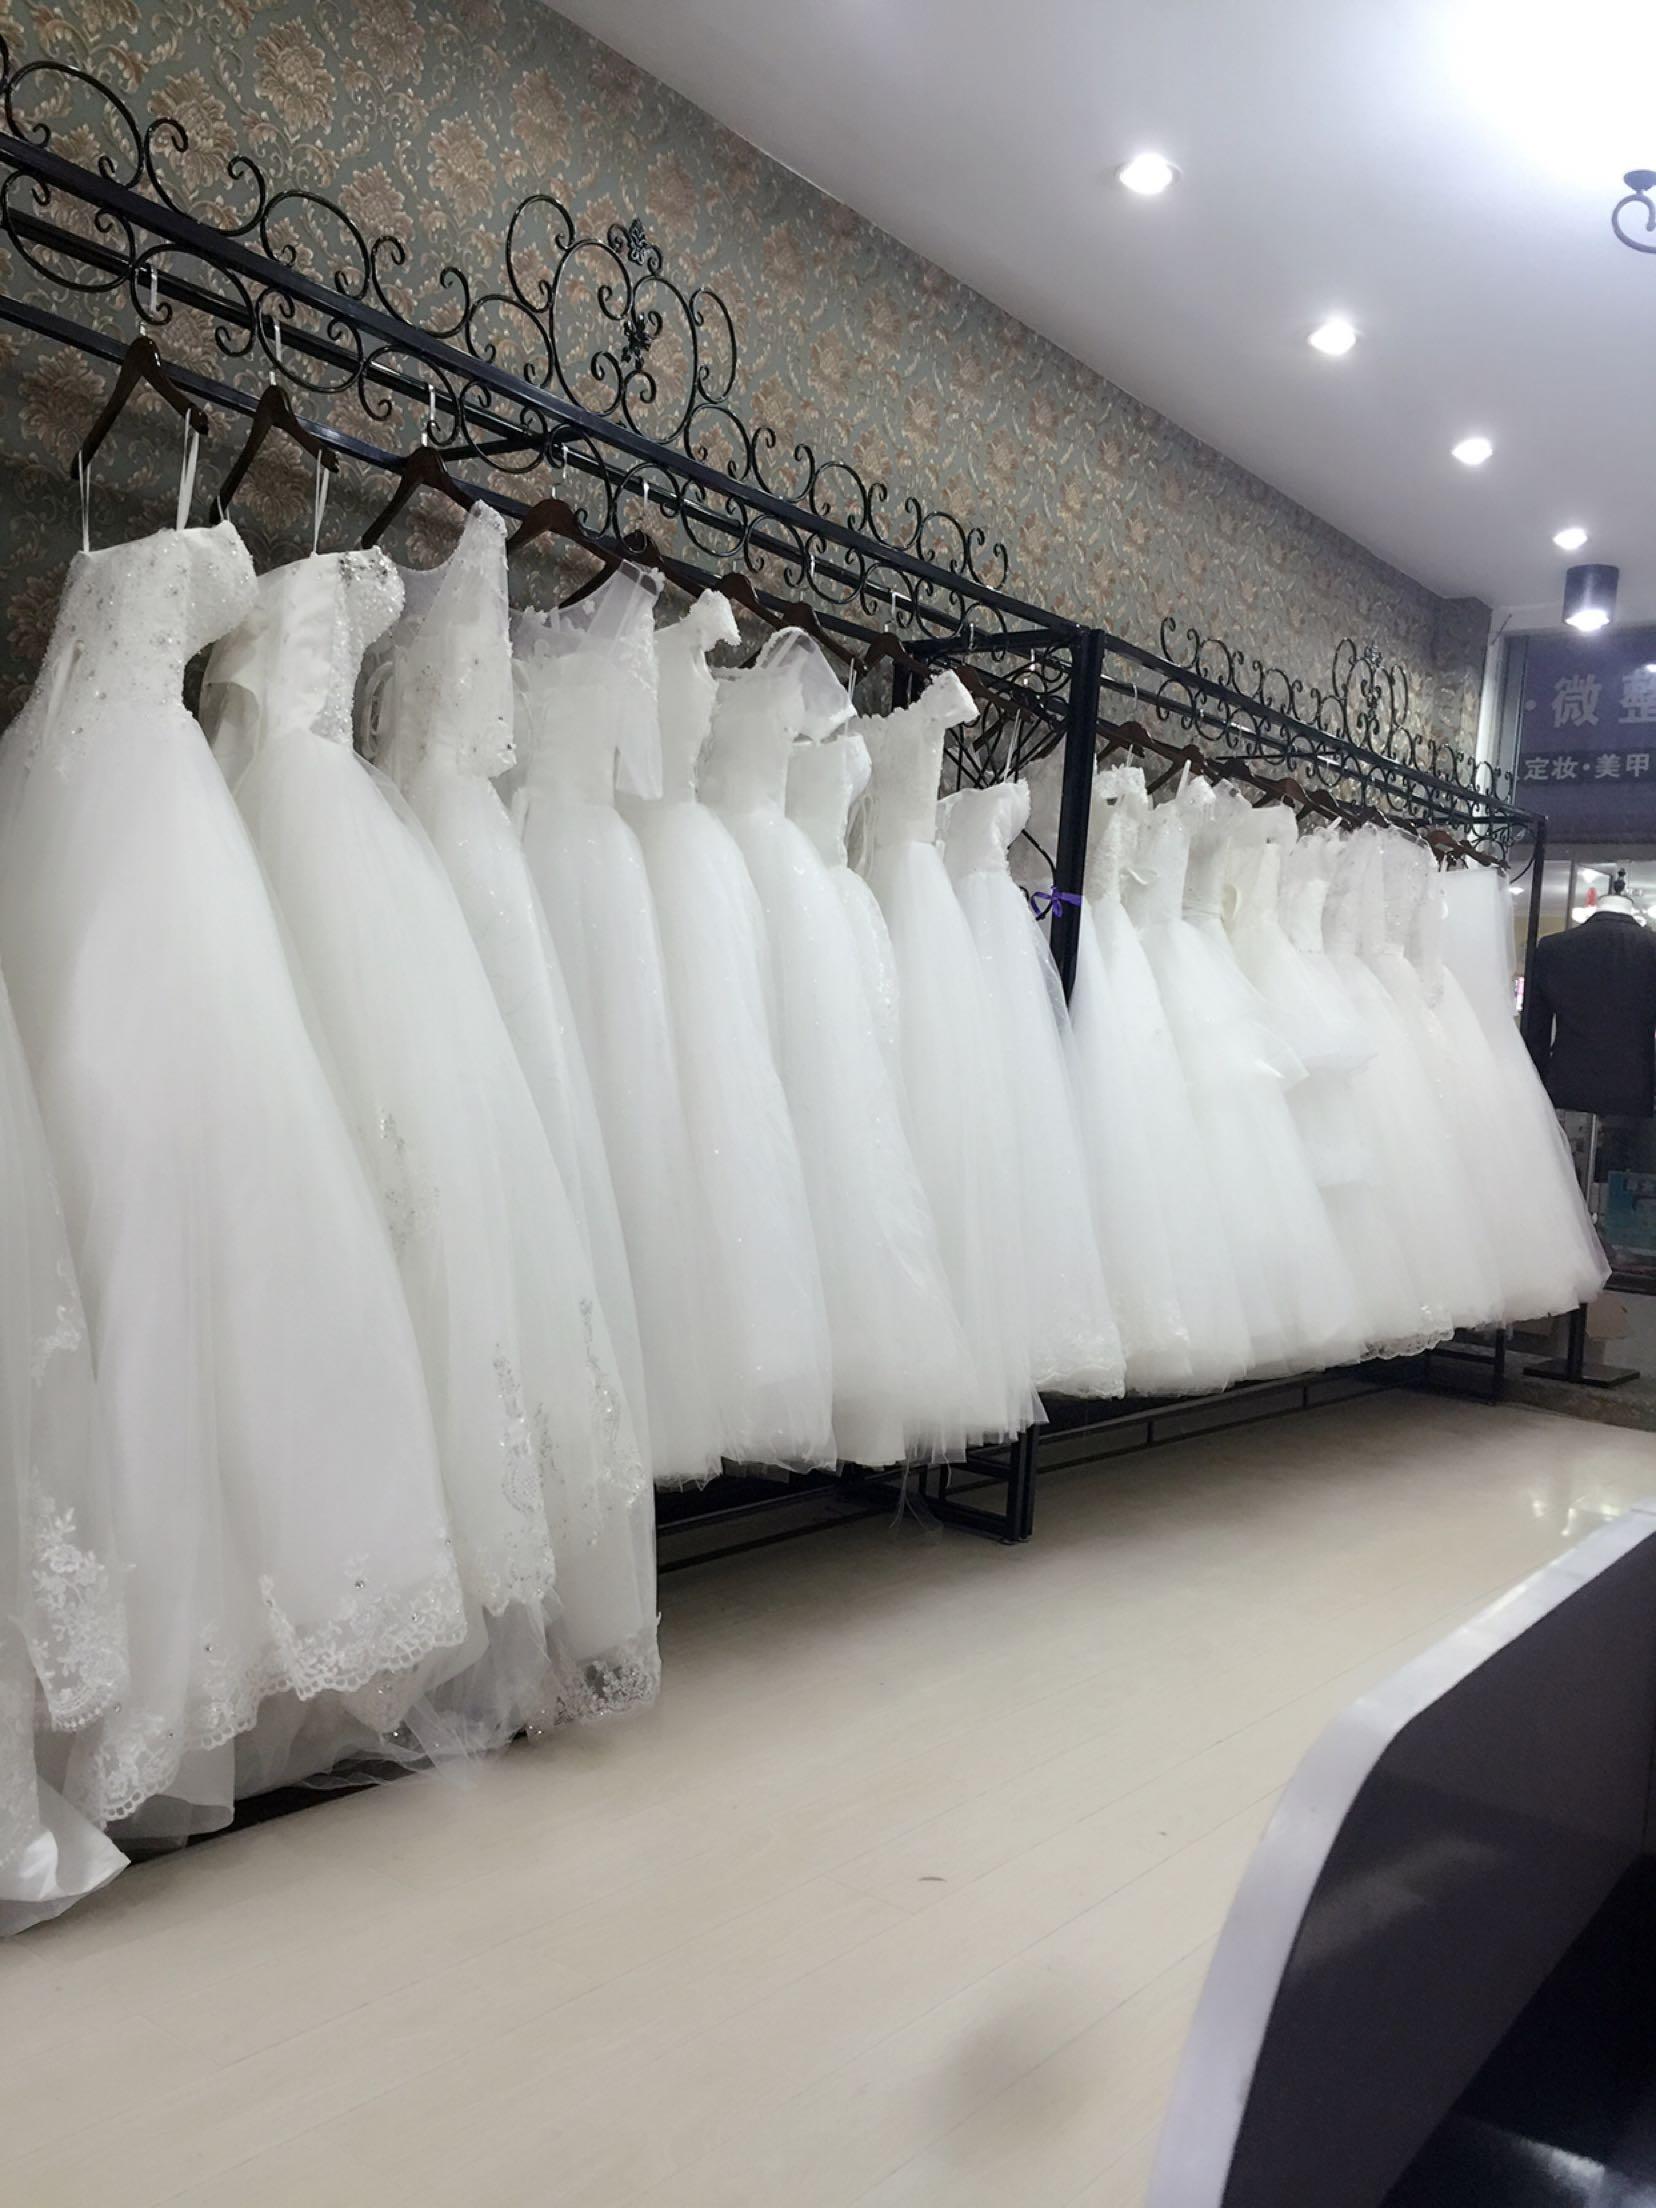 铁艺婚纱架高档礼服旗袍展示架挂婚纱架子落地服装架衣服货架现货